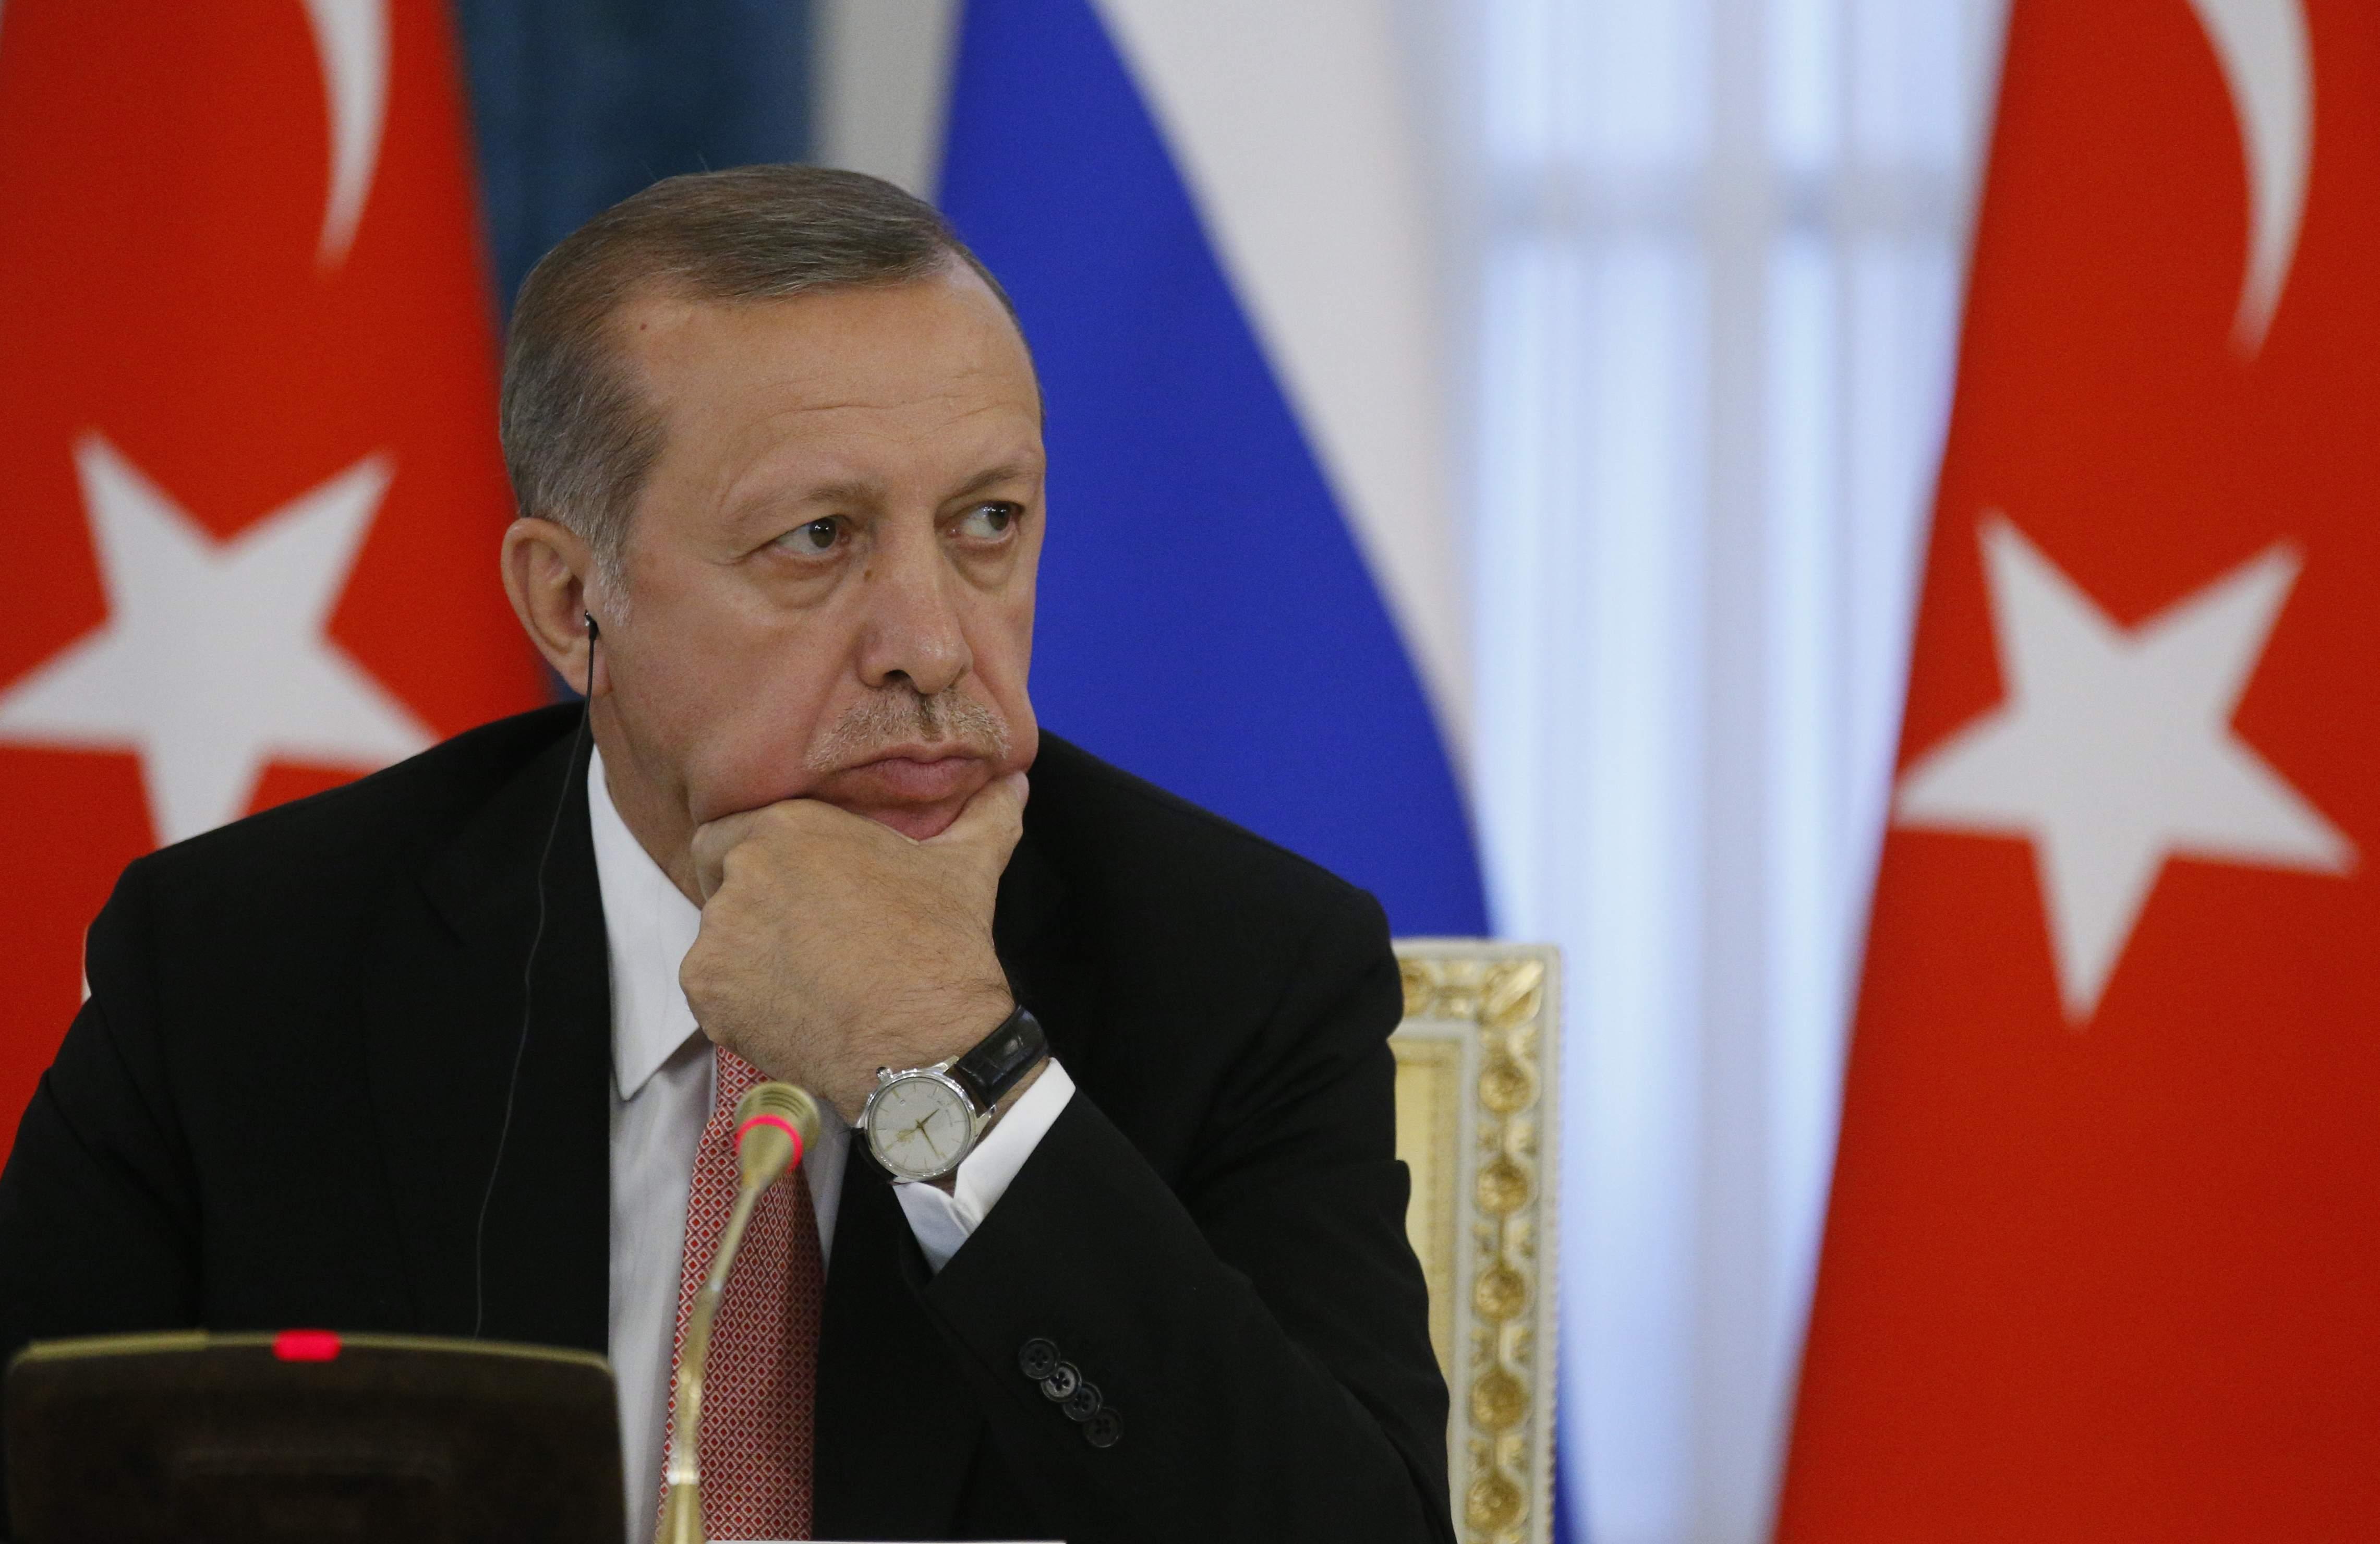 Președintele turc Erdogan se așteaptă la o victorie ușoară în alegerile din 24 iunie